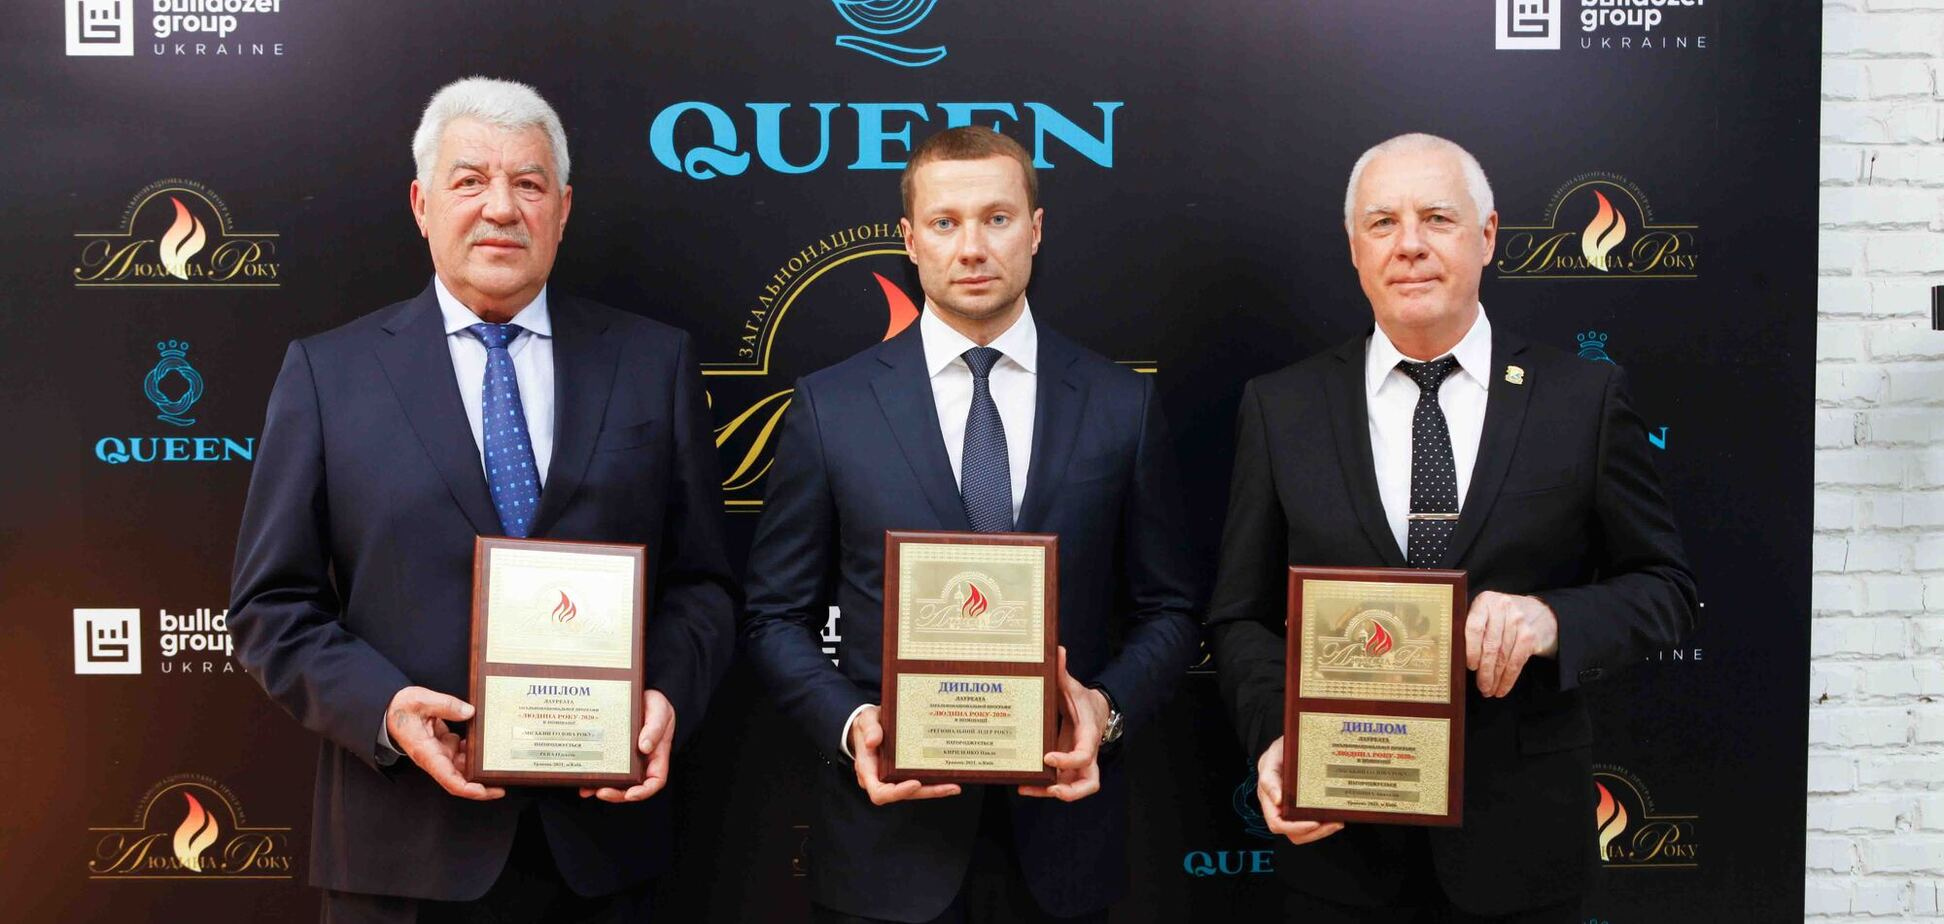 В Киеве состоялся прием в честь лауреатов 'Человека Года-2020'